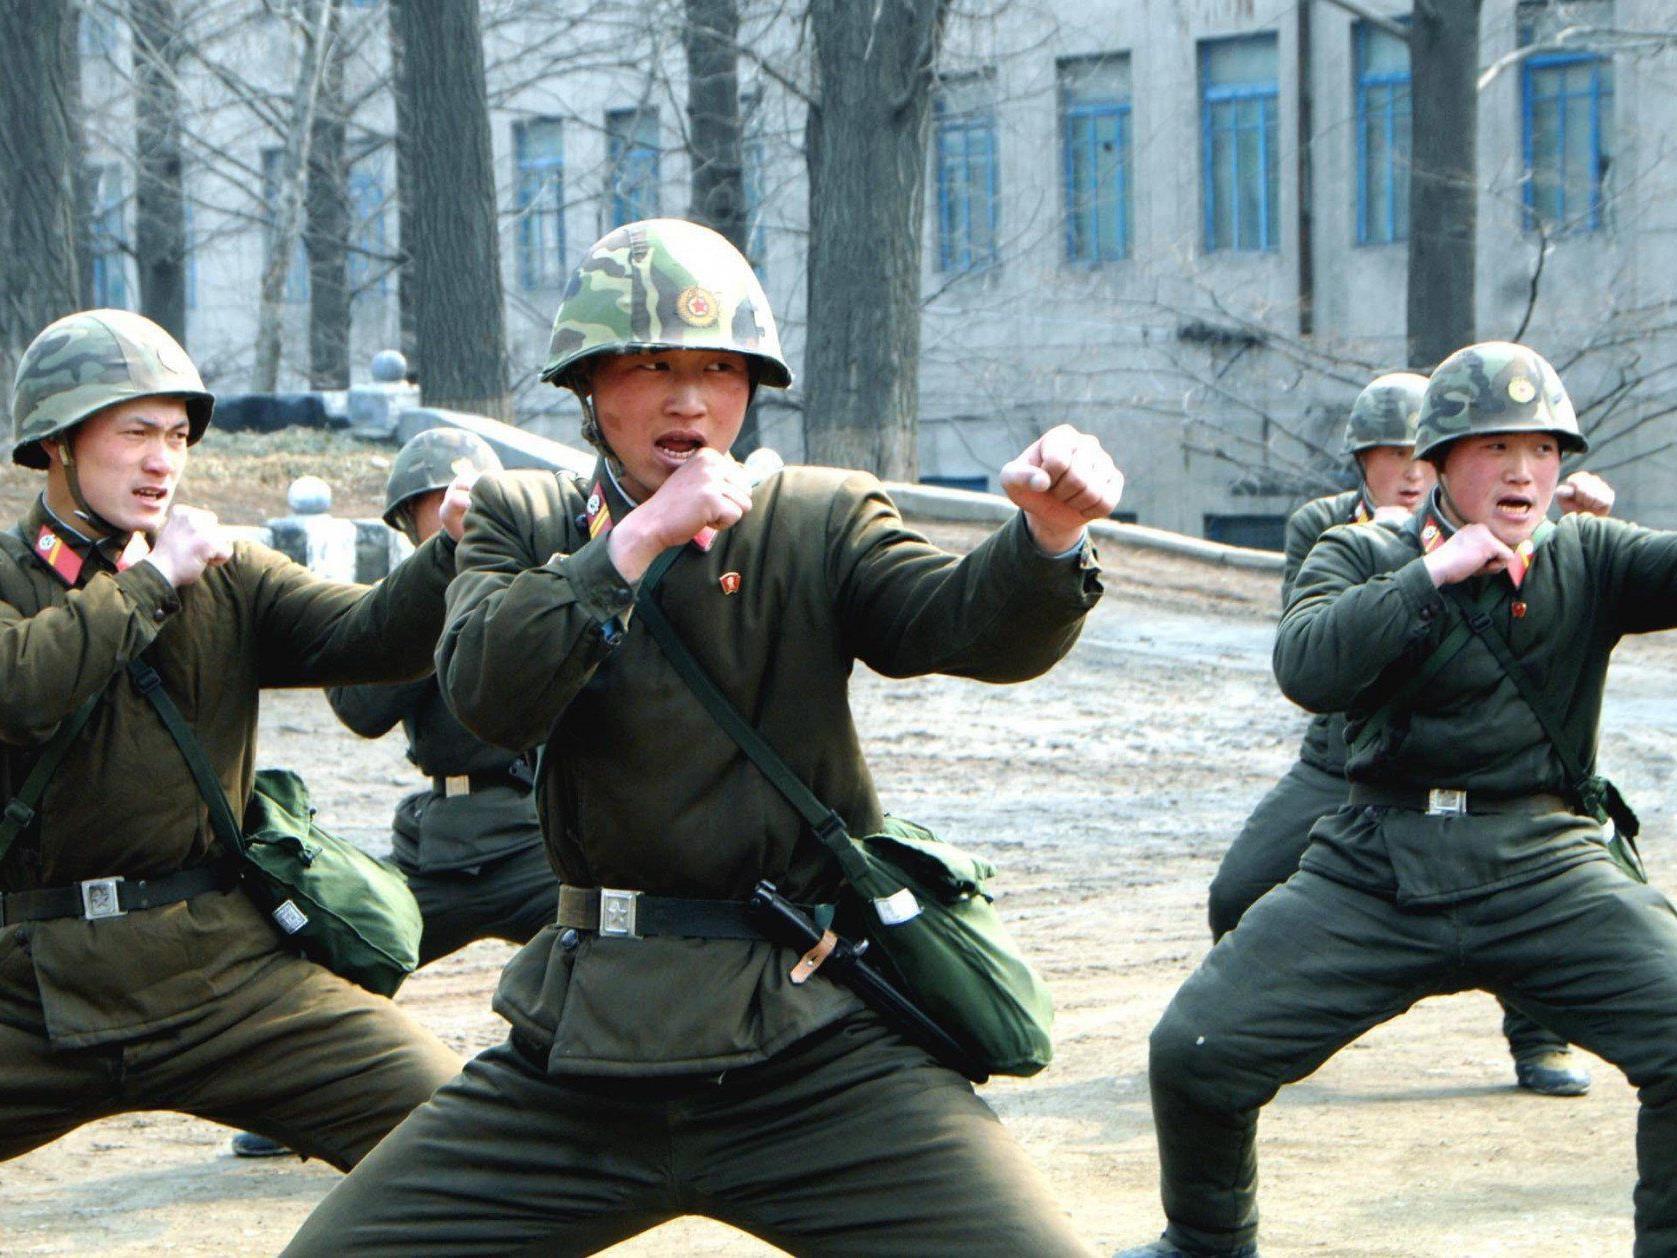 Nach drittem Atomtest des stalinistischen Regimes in Nordkorea verschärft die UNO die Sanktionen.